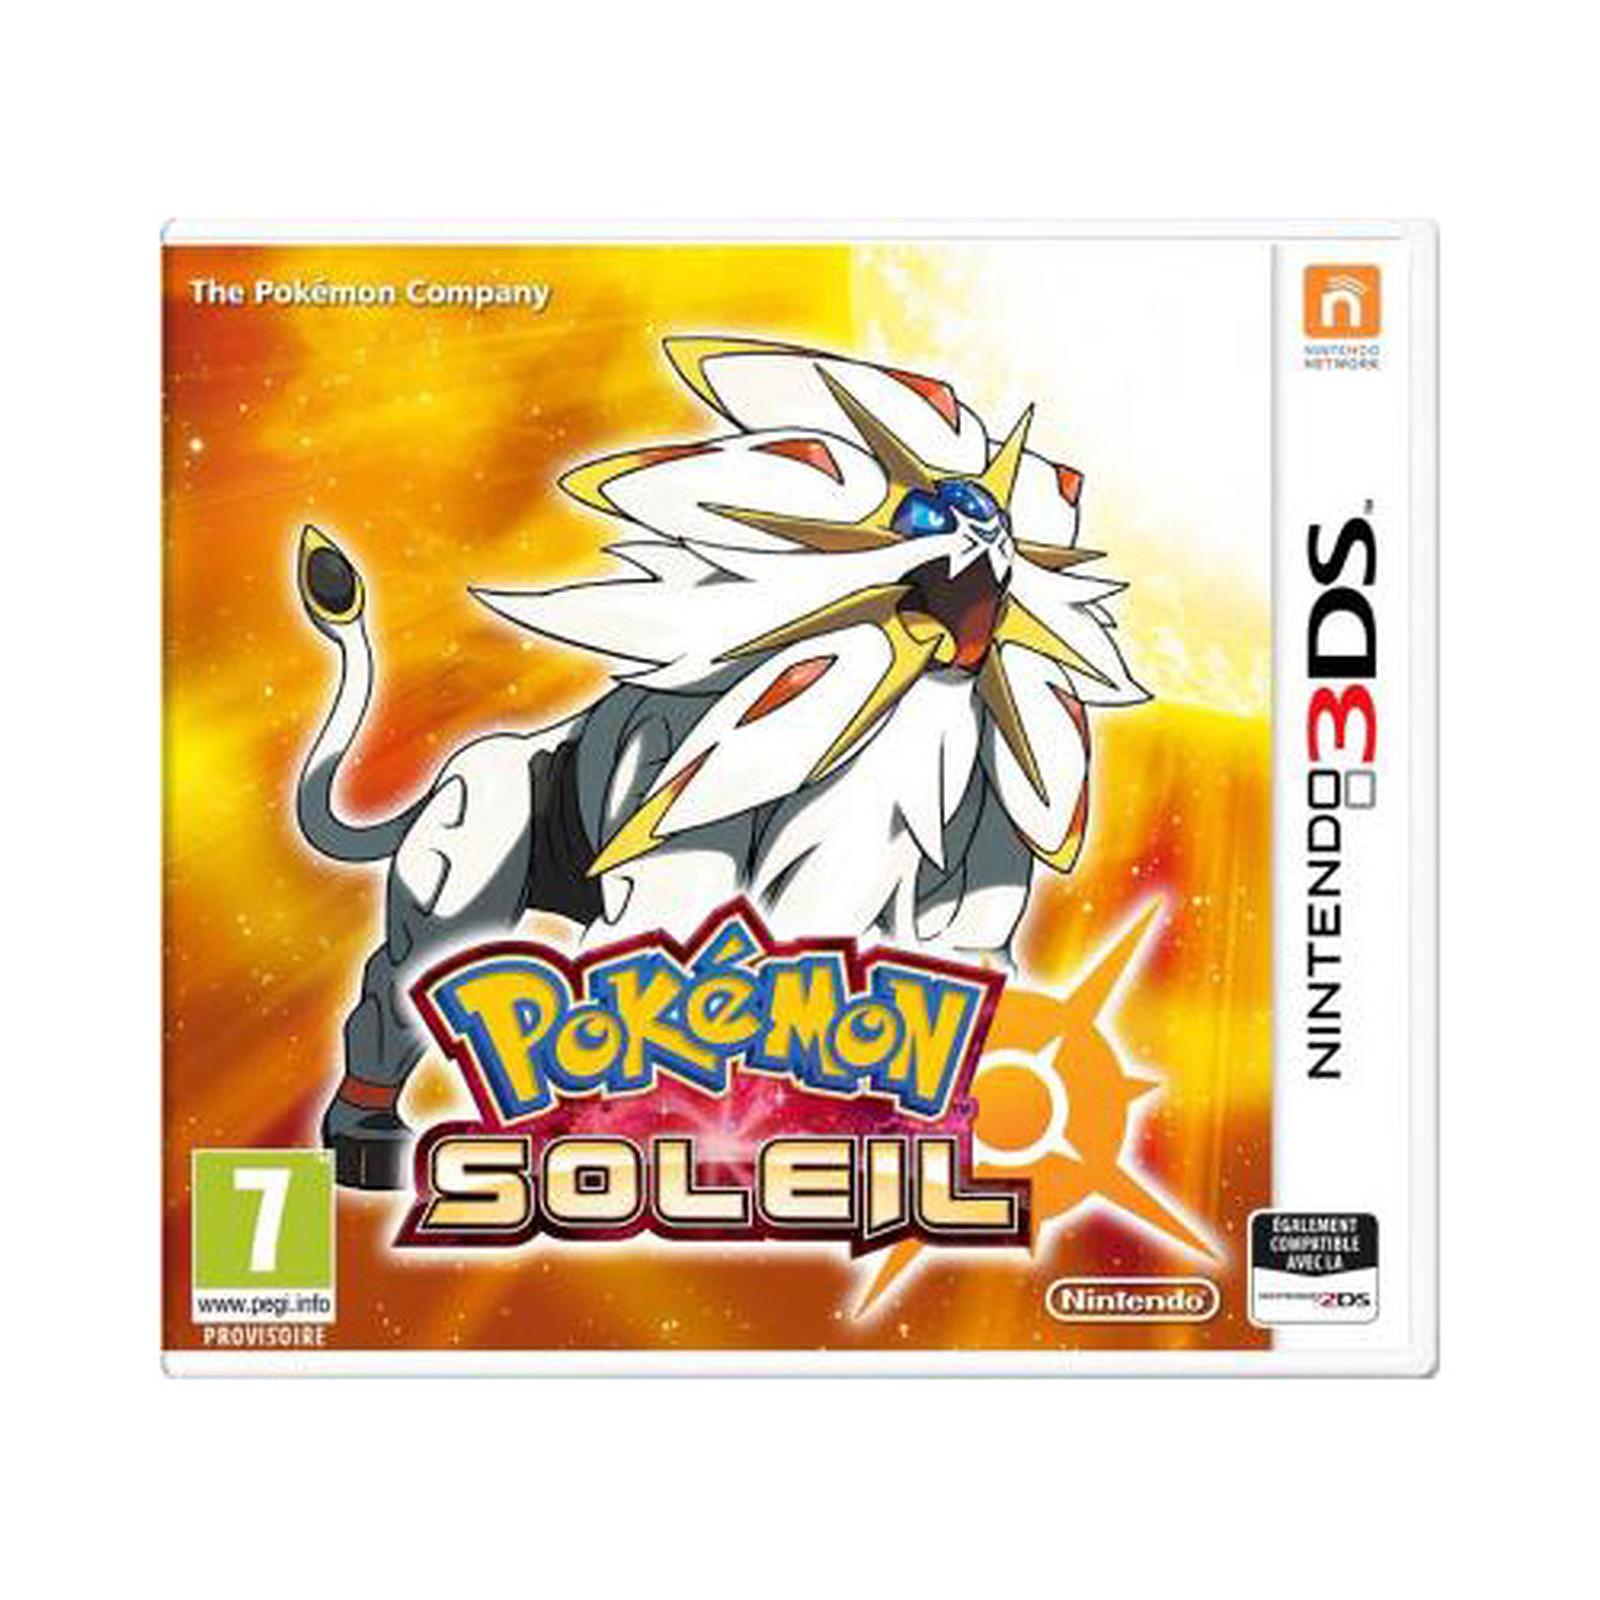 Pokemon Soleil (Nintendo 3DS/2DS) - Jeux Nintendo 3DS Nintendo sur LDLC